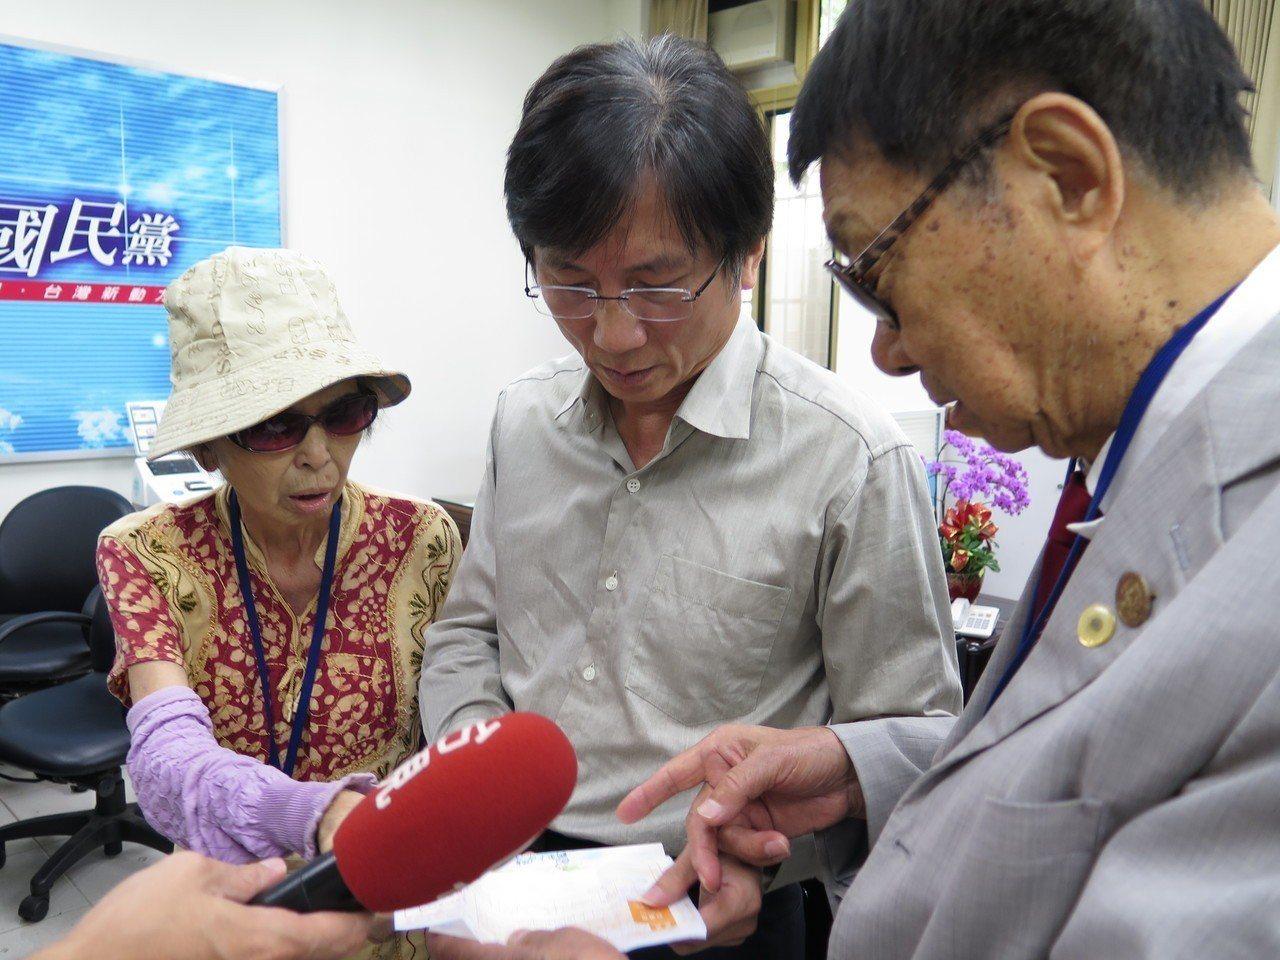 市議員詹江村(中)今天也與陳情人露面還原事件過程,表示吳寶玉自稱市政顧問,在外要...